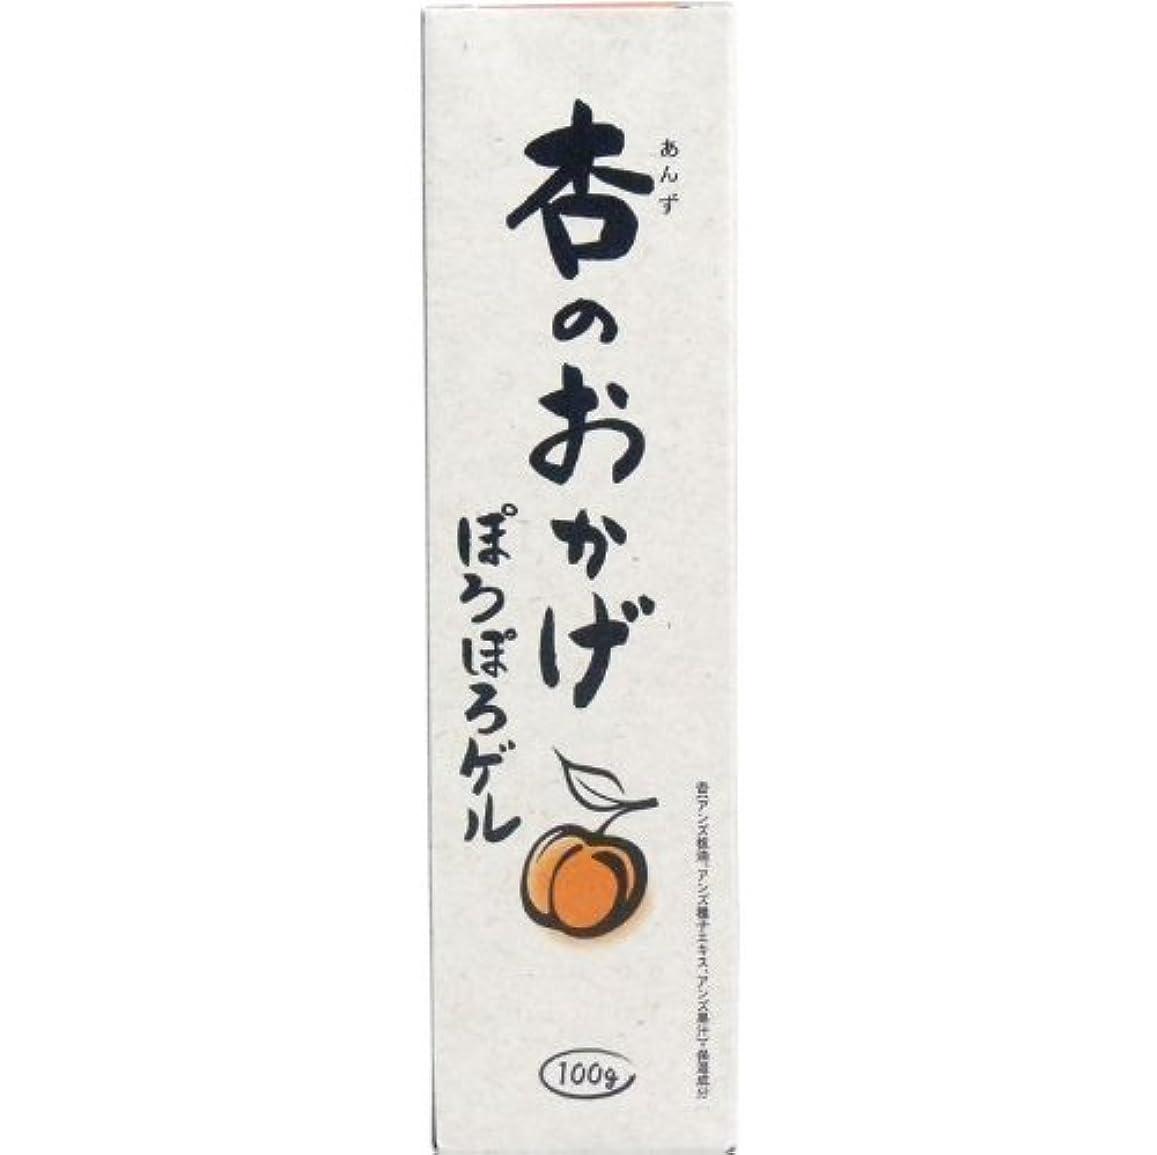 推測する駐地原因杏のおかげ ぽろぽろゲル 100g【2個セット】